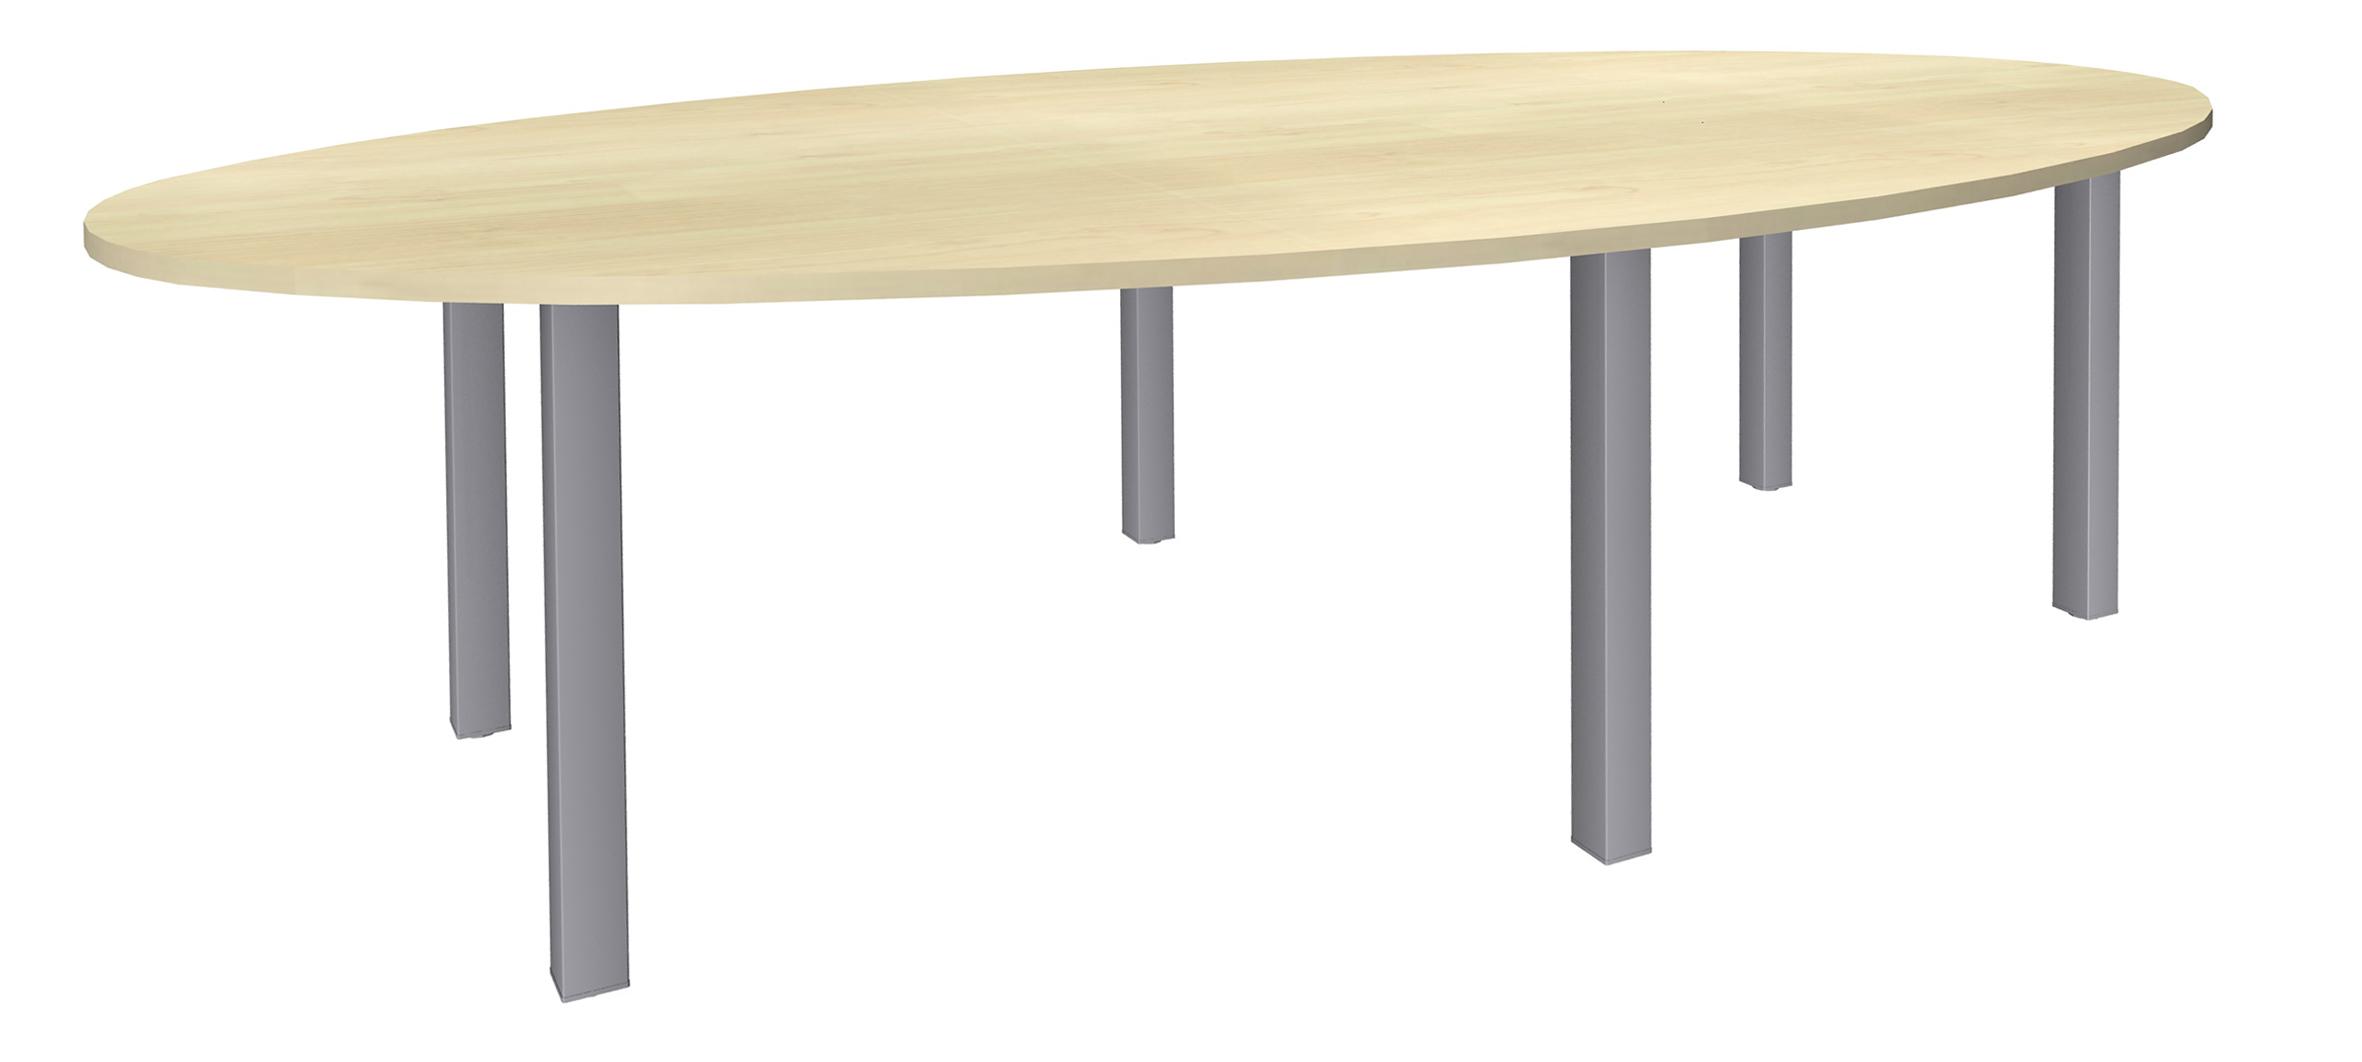 Table de réunion ovale - L280 cm - pieds exprim alu - Plateau imitation érable